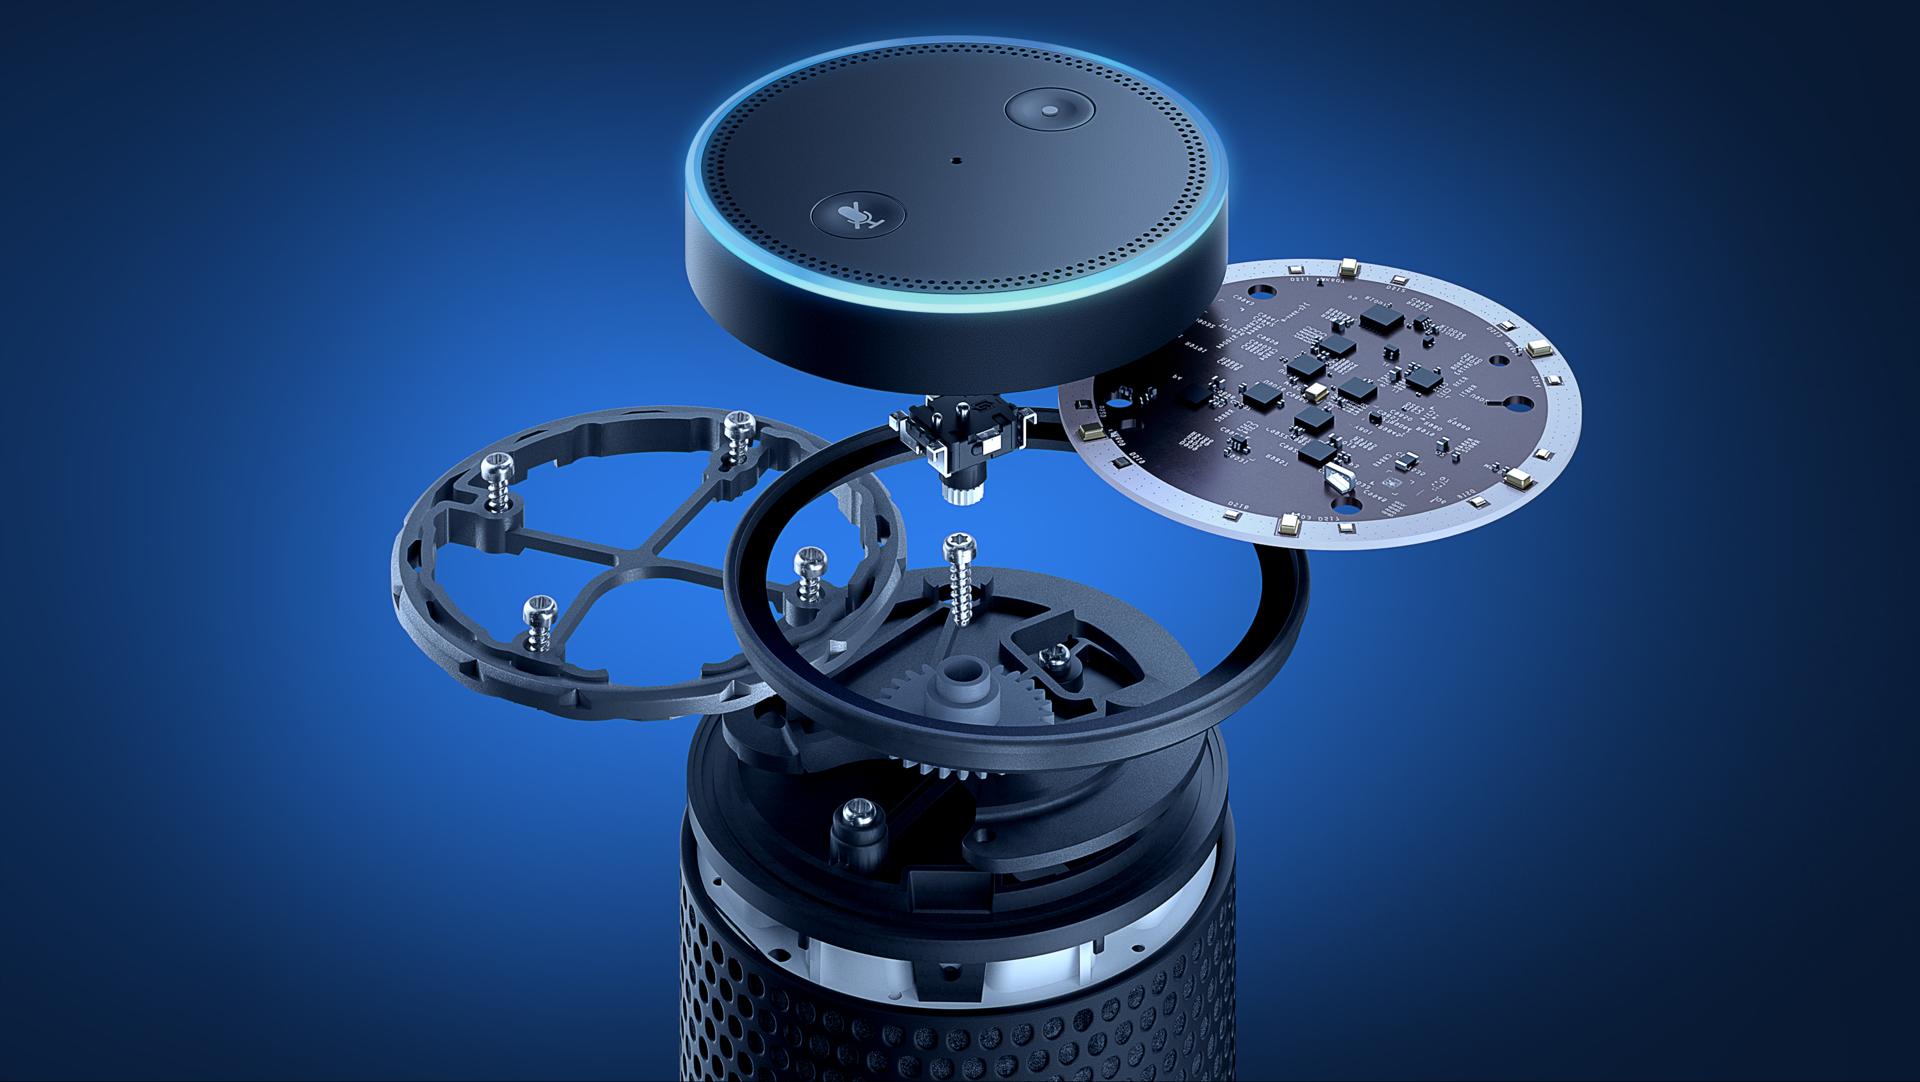 Echo und Echo Dot im Hands on: Amazons Alexa klingt auf Deutsch schon sehr gut - Echo (Bild: Amazon)